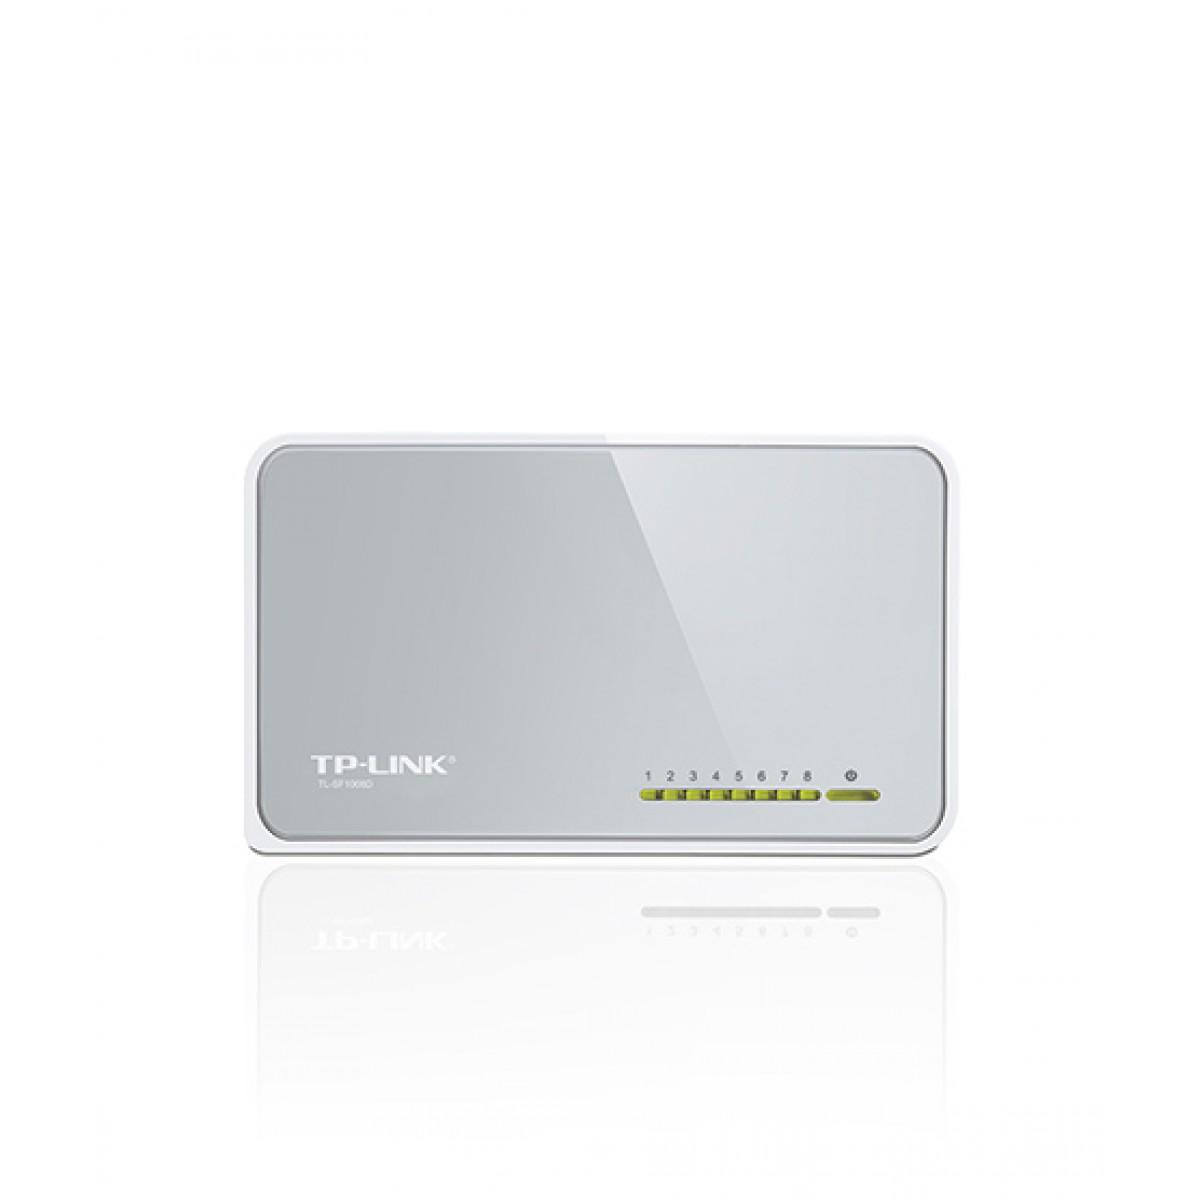 TP-Link 8-Port 10/100Mbps Desktop Switch (TL-SF1008D)